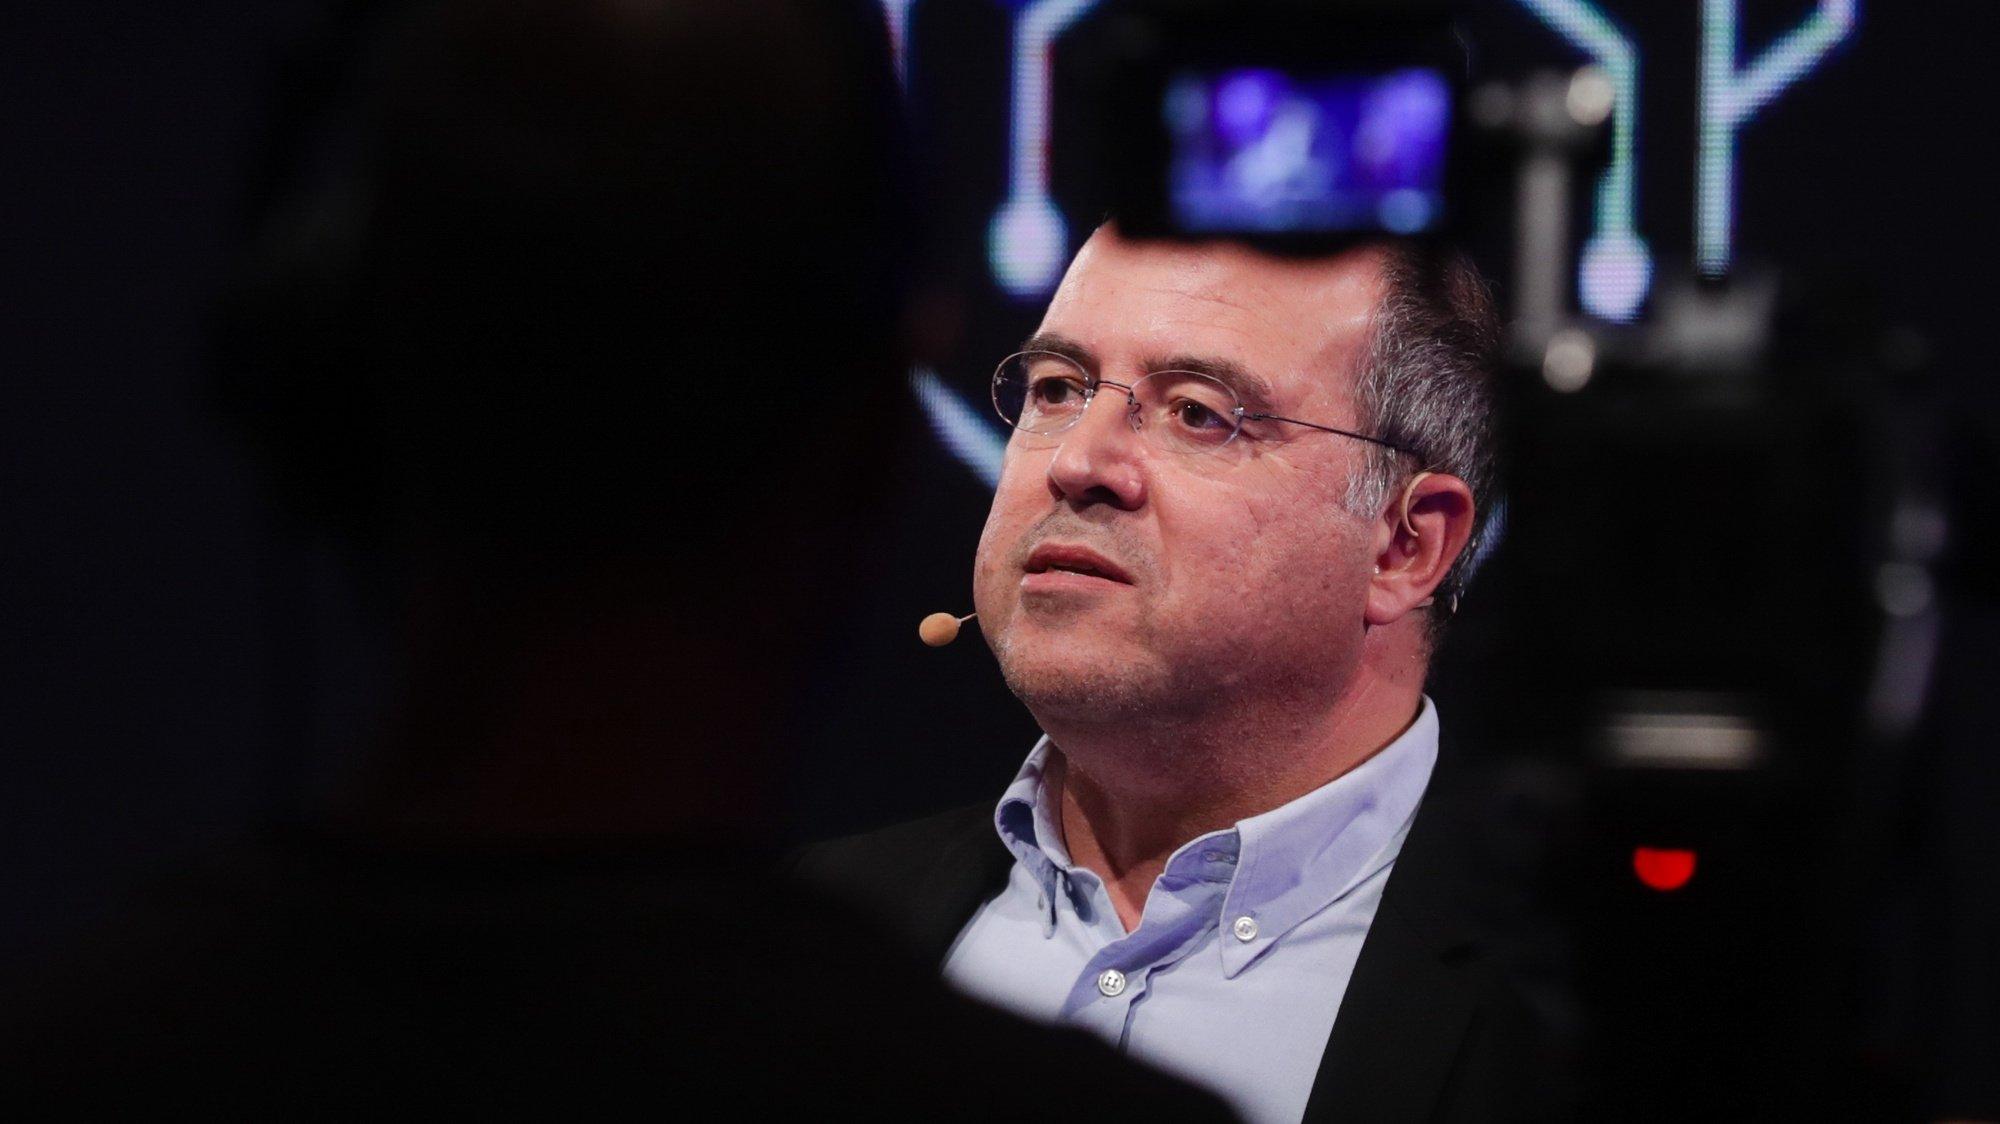 """O secretário de Estado do Cinema, Audiovisual e Media, Nuno Artur Silva, fala durante a abertura da Conferência de Alto Nível """"Inteligência Artificial (IA) e o Futuro do Jornalismo – A IA tomará posse do 4.º poder?"""", no palácio da Ajuda, em Lisboa, 11 de maio de 2021. TIAGO PETINGA/LUSA"""